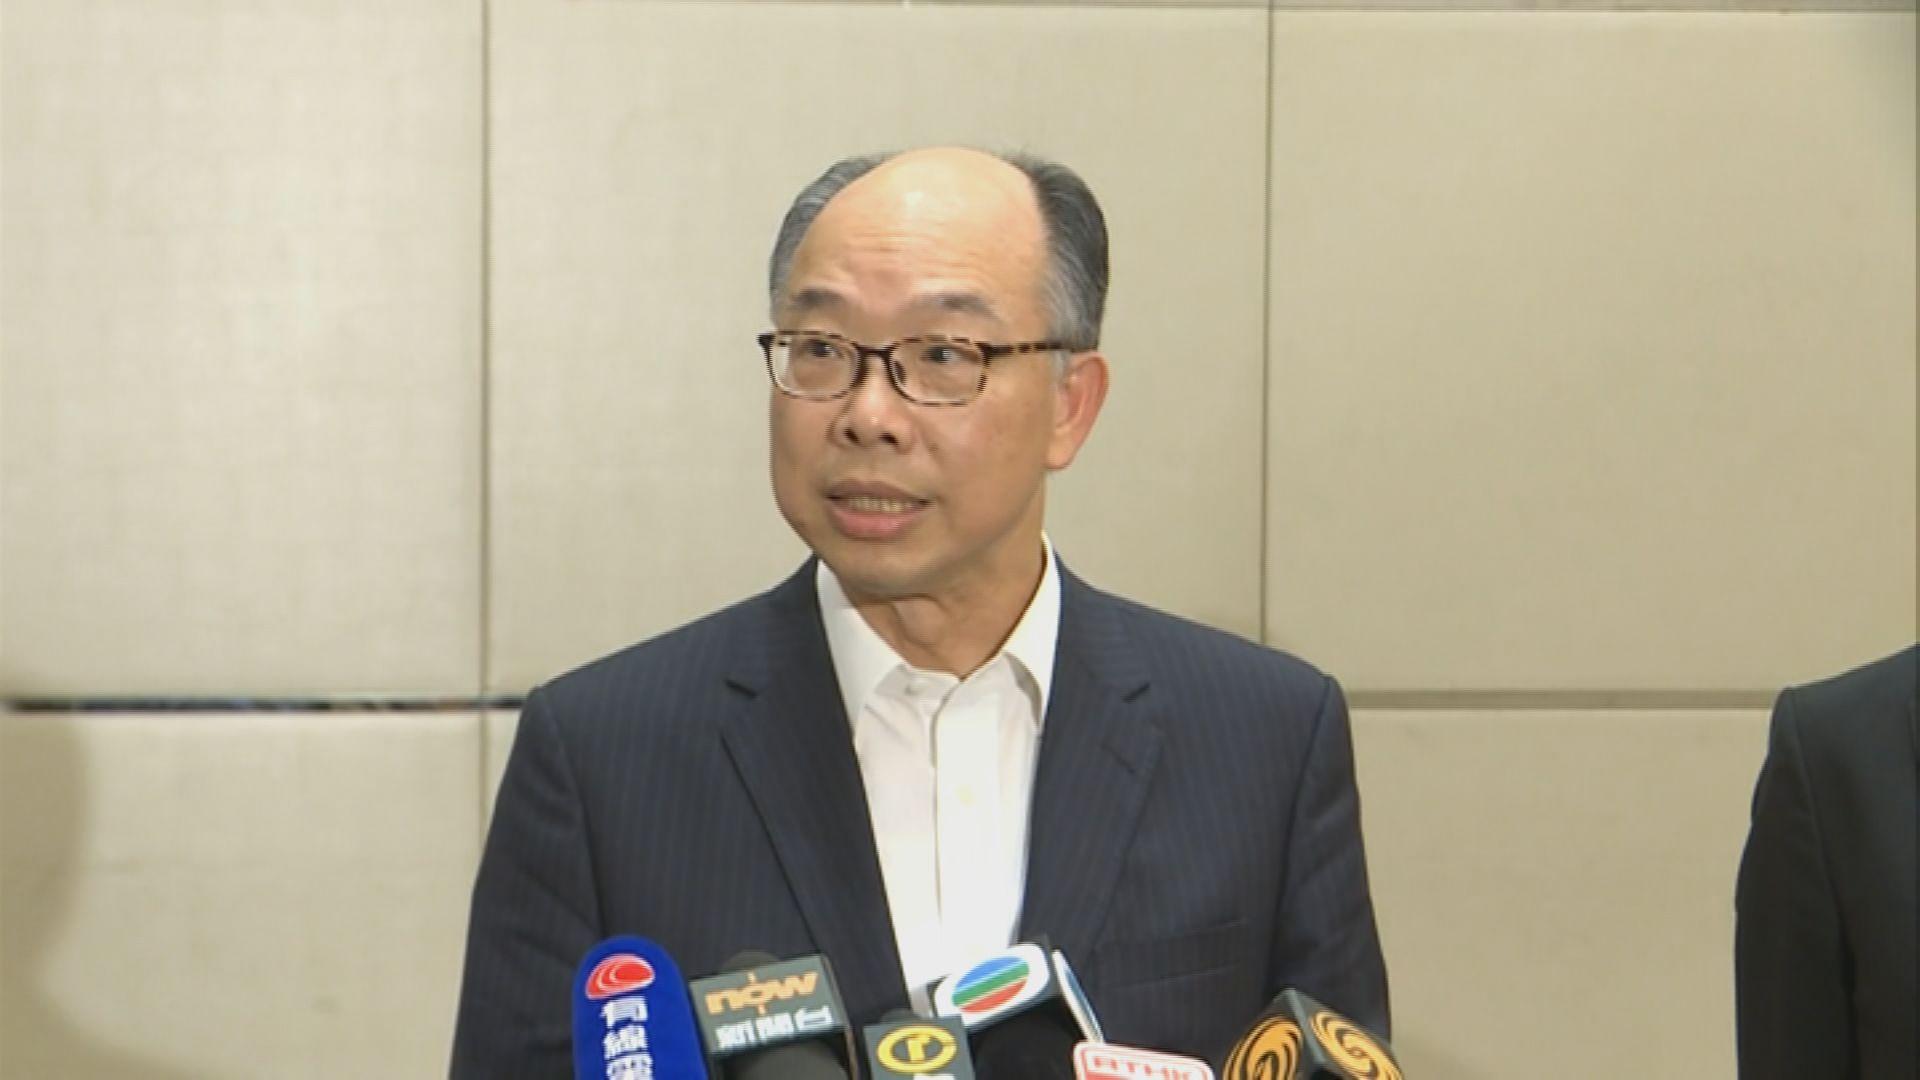 陳帆:已確認高鐵香港段安全可投入服務